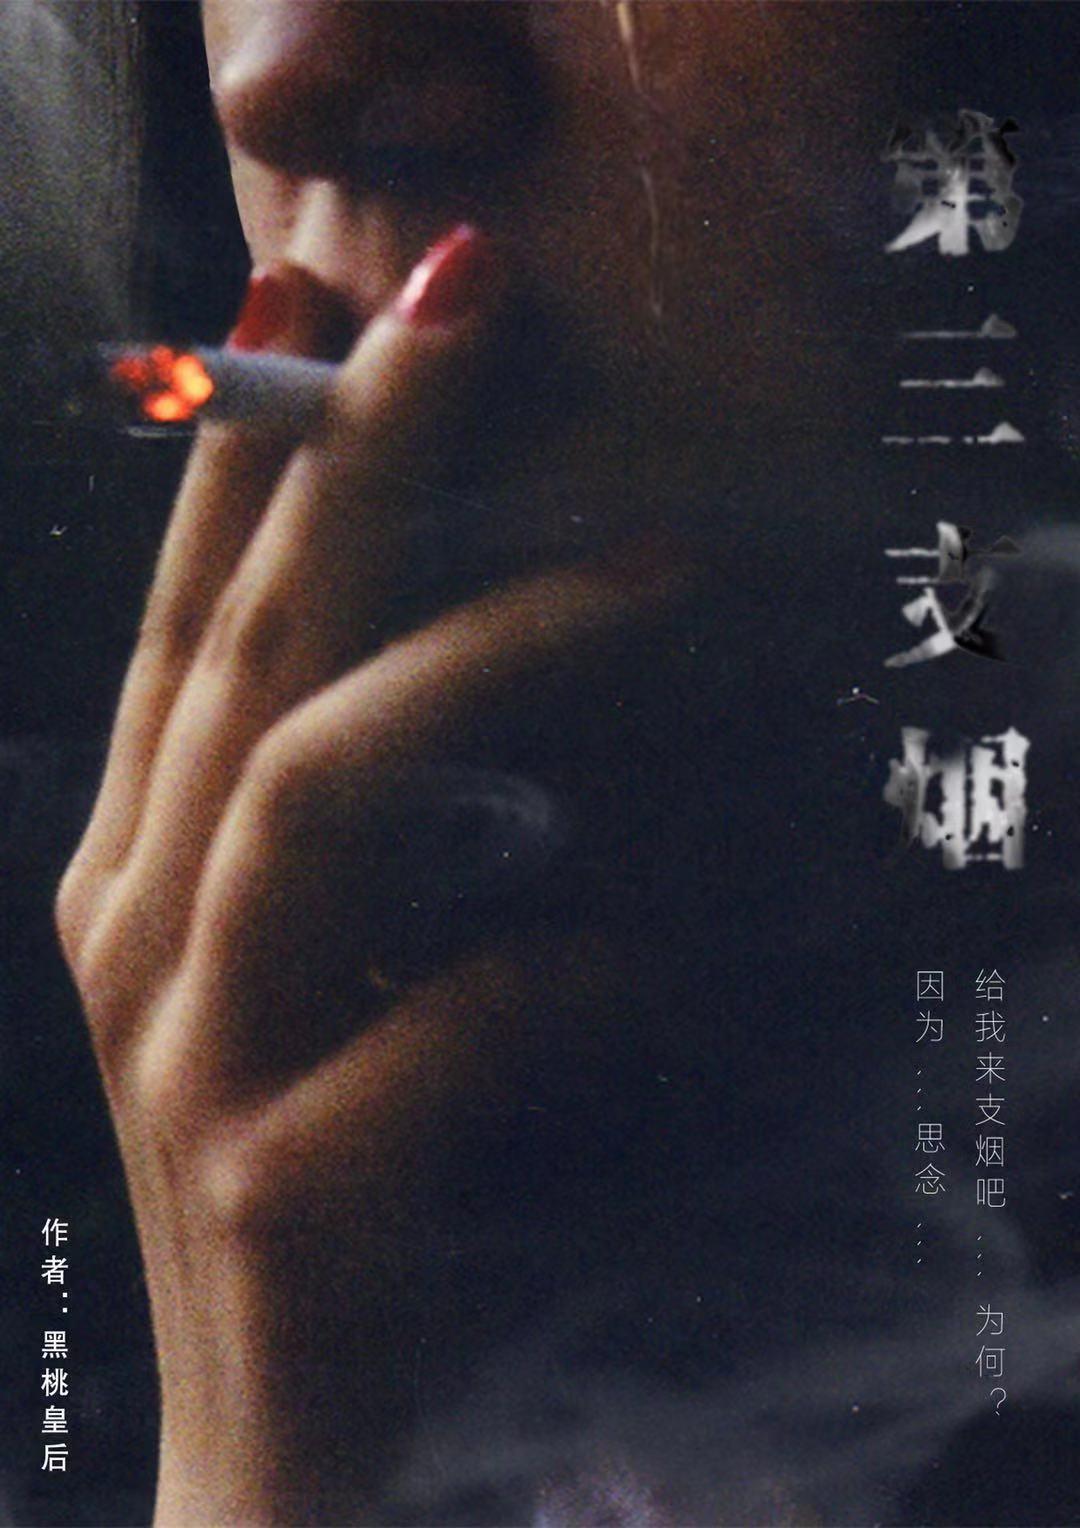 第三支烟海报图